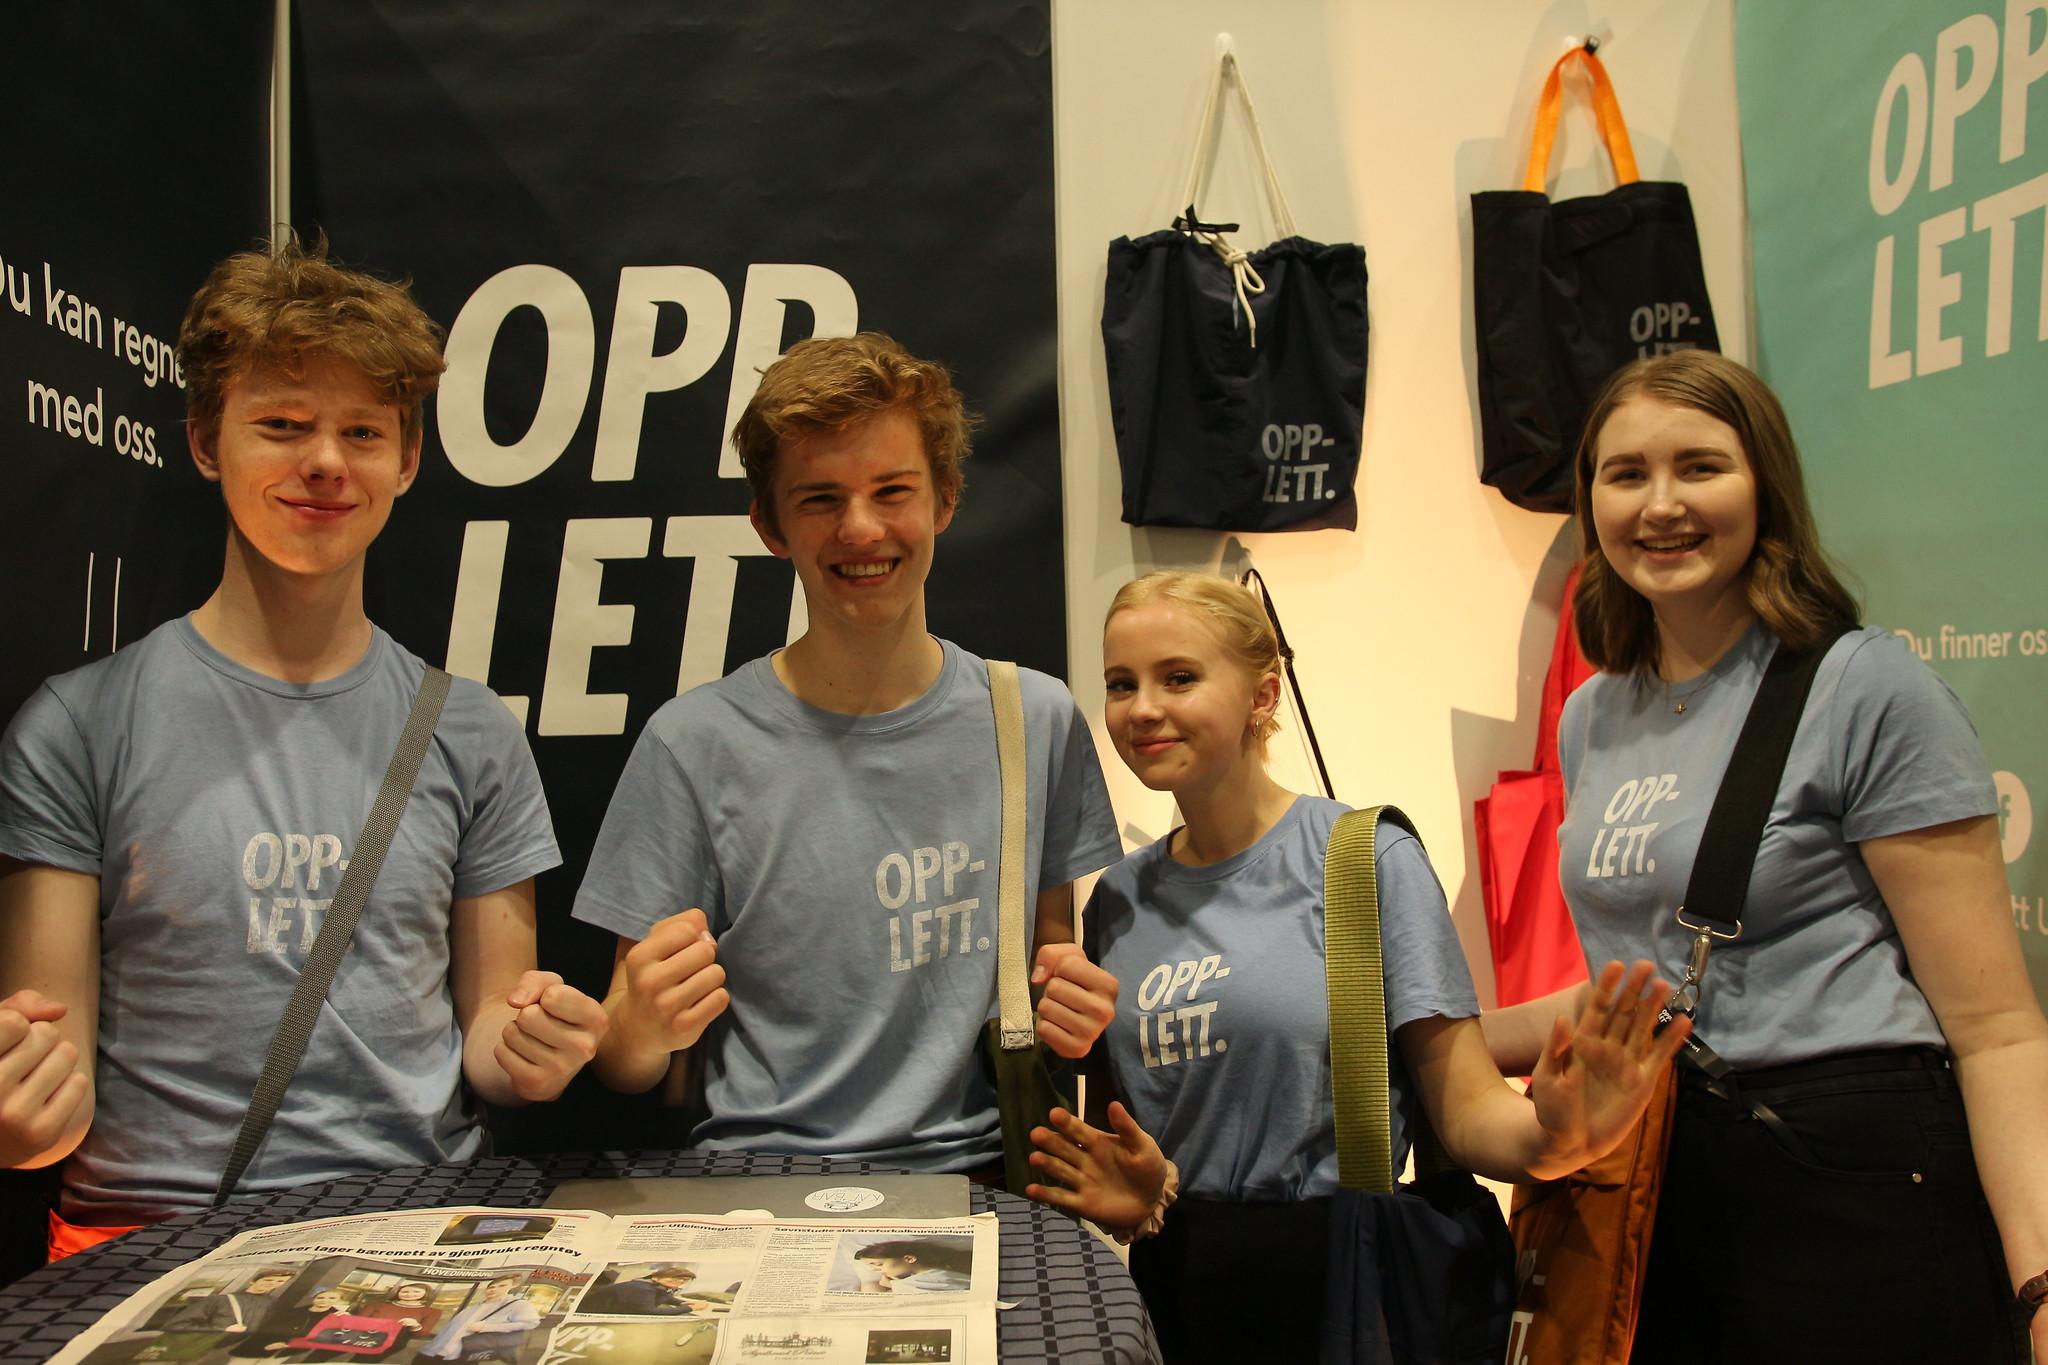 OPPLETT UB : Den engasjerte gjengen fra Bergen består av Mathias Bjørgo, Lena Jensen Tveit, William Ingvaldsen og Kristina Storm. Foto: Ungt Entreprenørskap.